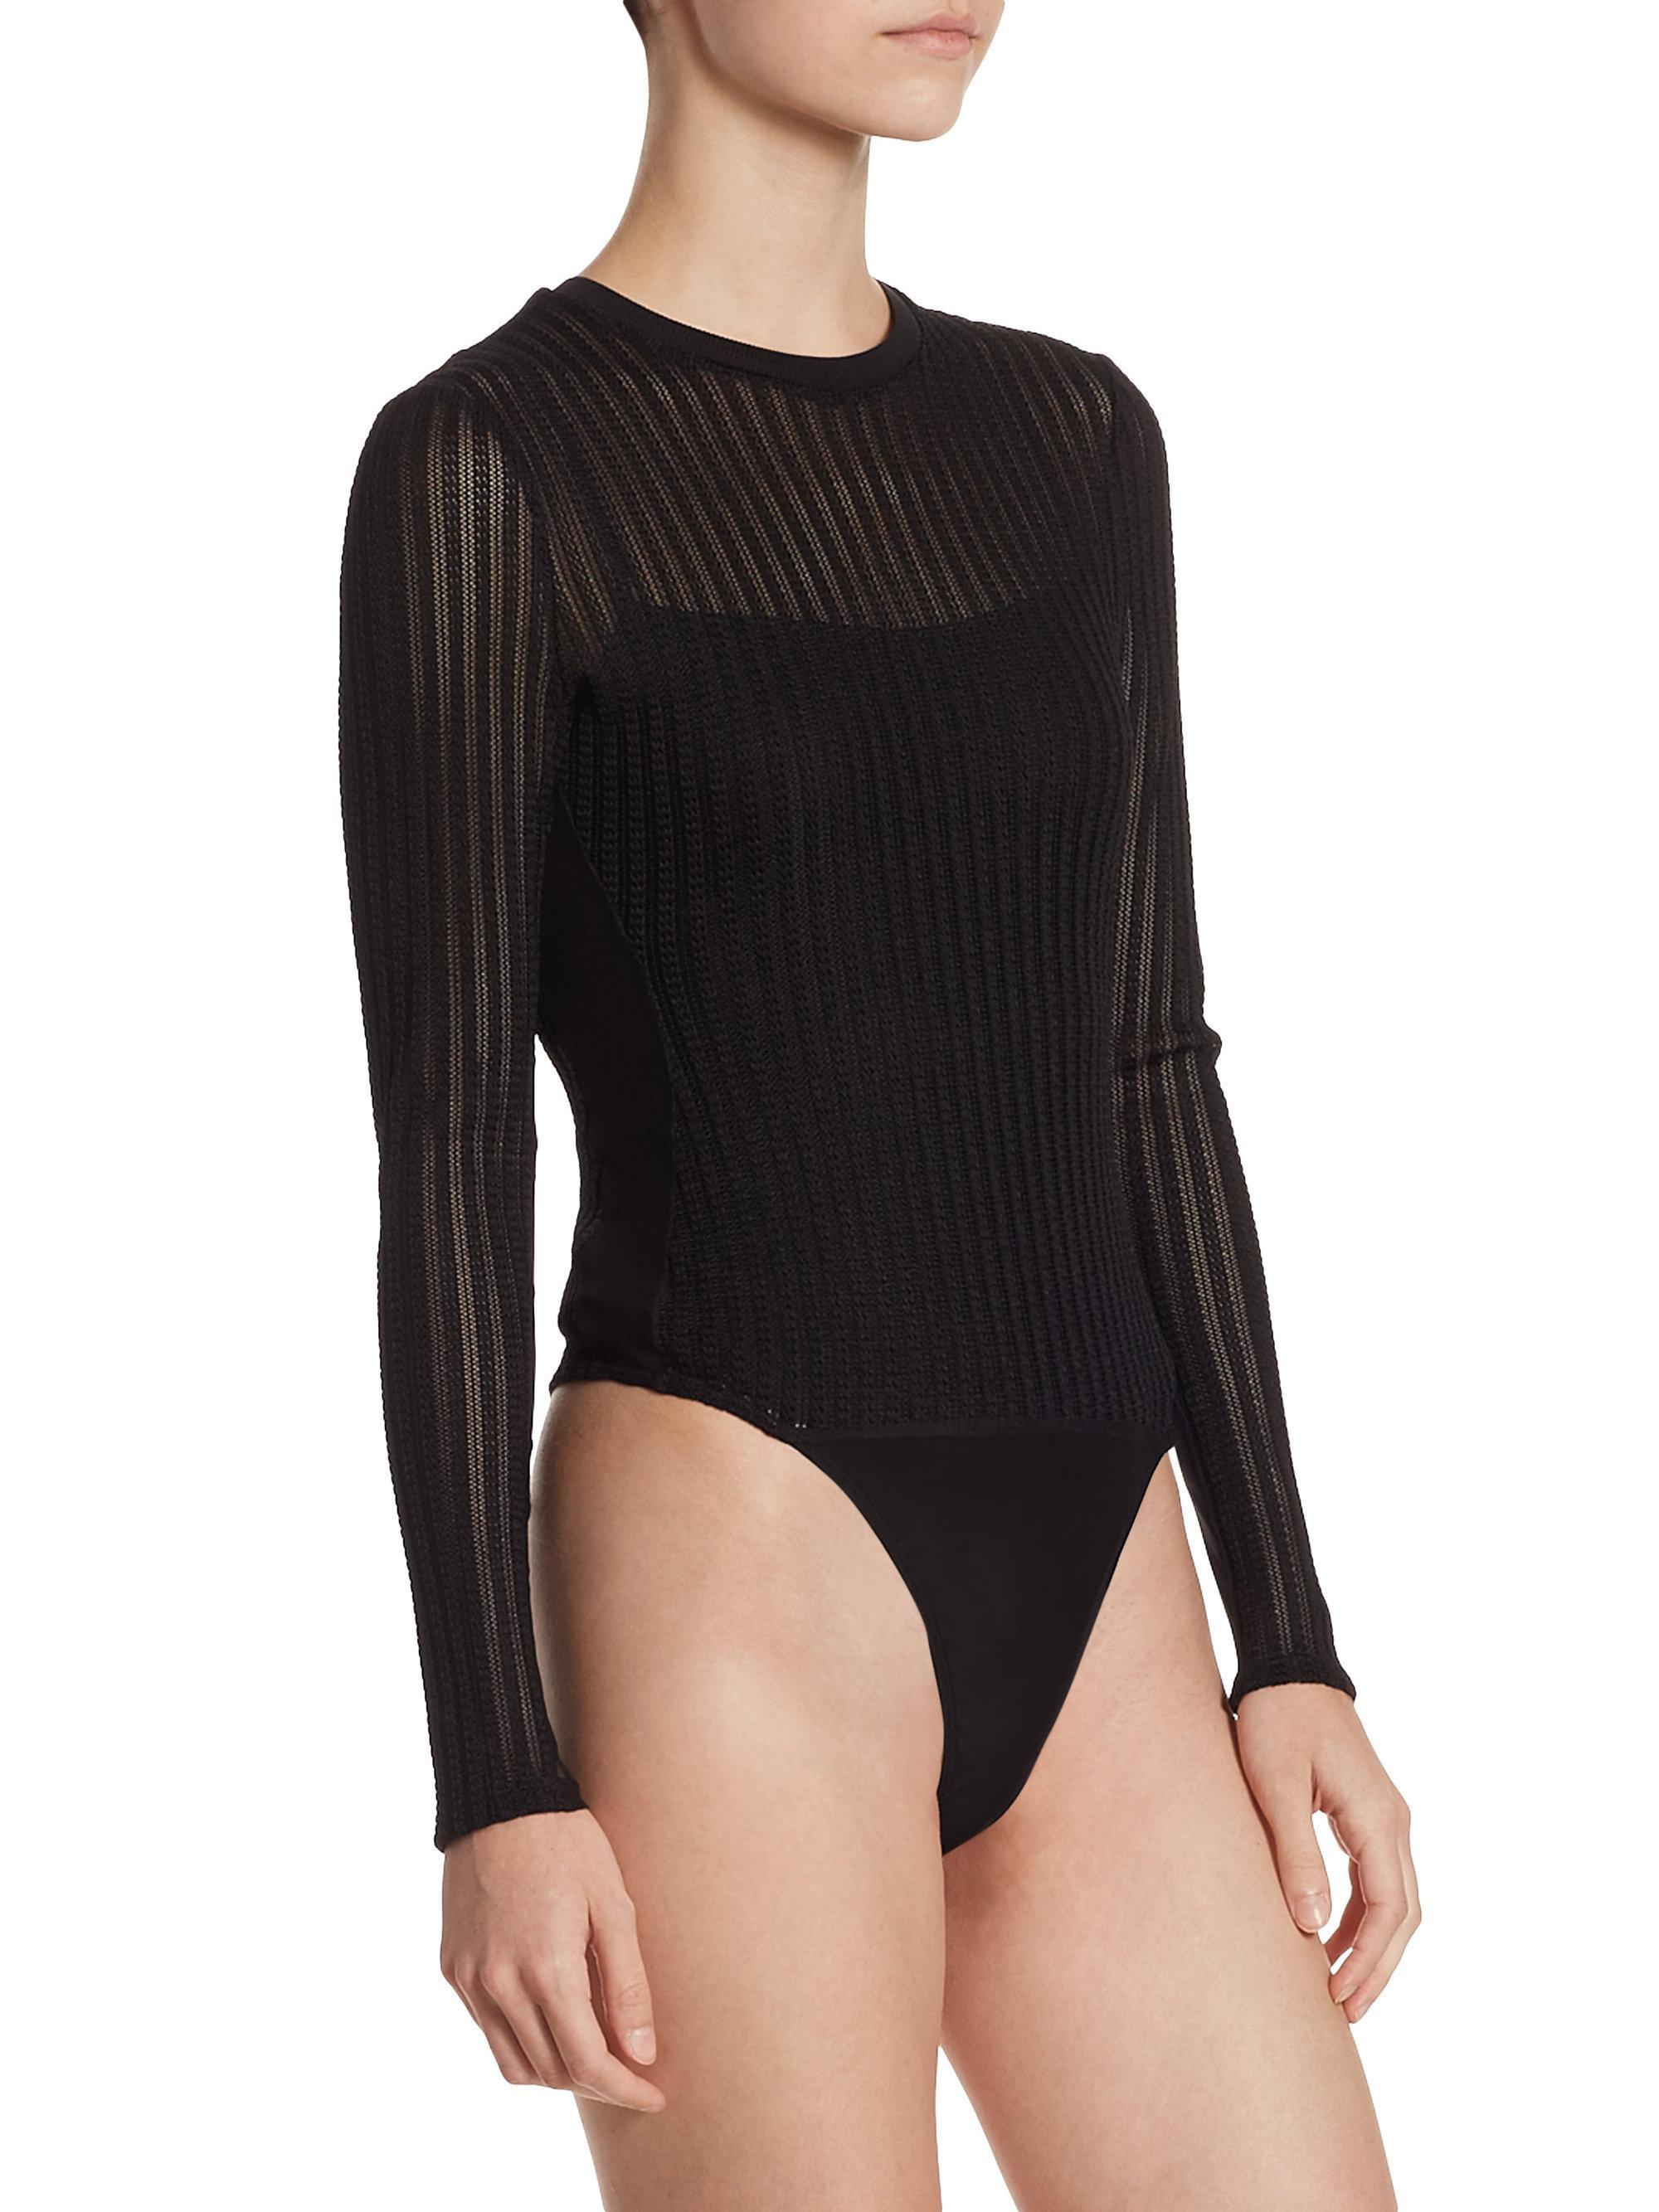 Cinq À Sept Woman Elara Lace-trimmed Cutout Stretch-cotton Bodysuit Black Size L Cinq à Sept Clearance Official Cheap Sale Best s7ItBcy